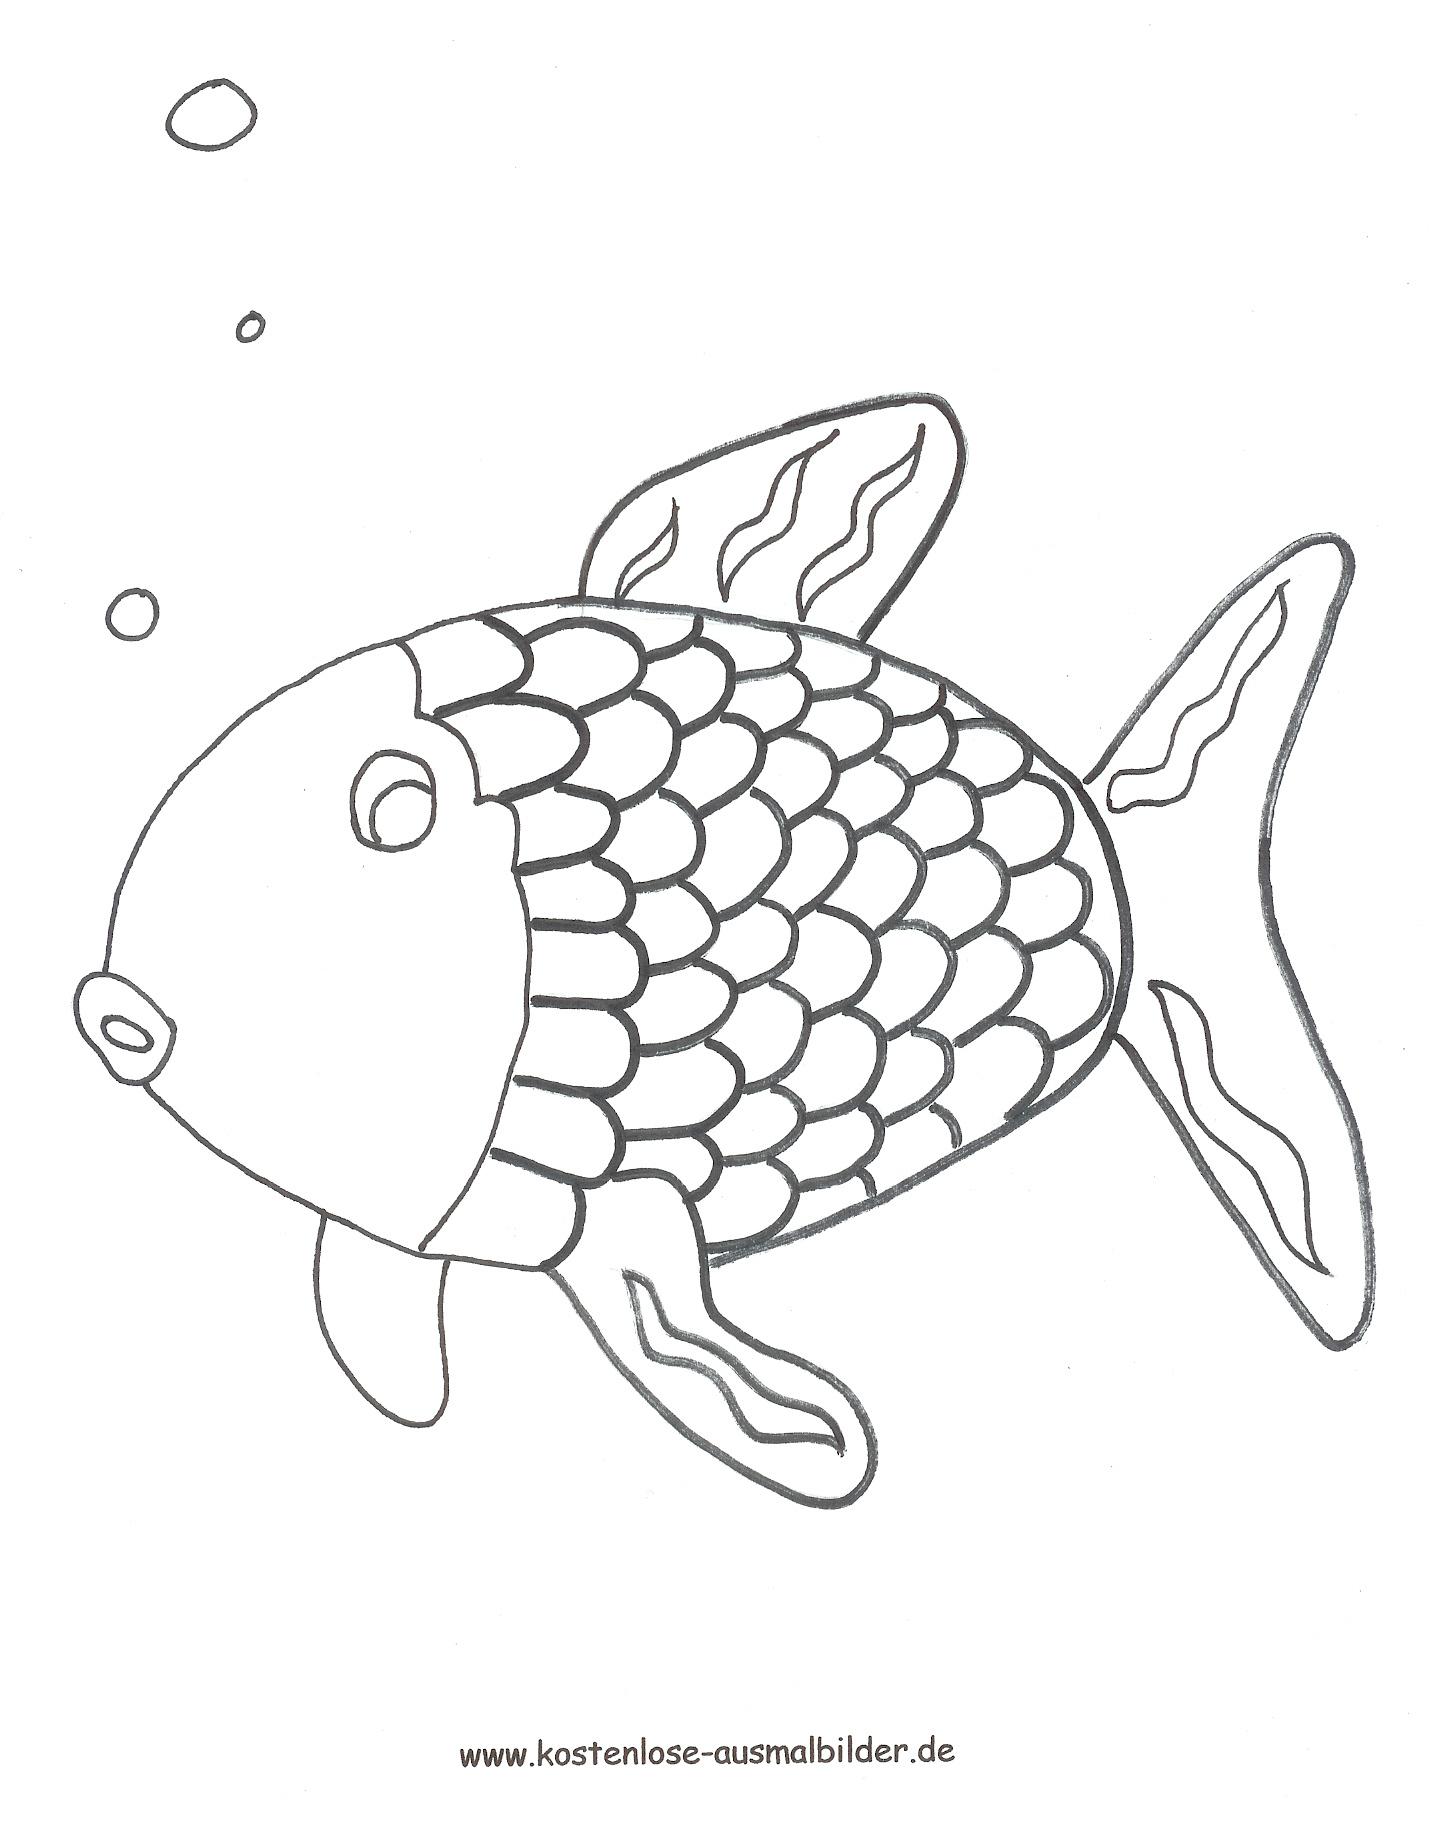 Ausmalbild Regenbogenfisch Zum Ausdrucken mit Ausmalbilder Meerestiere